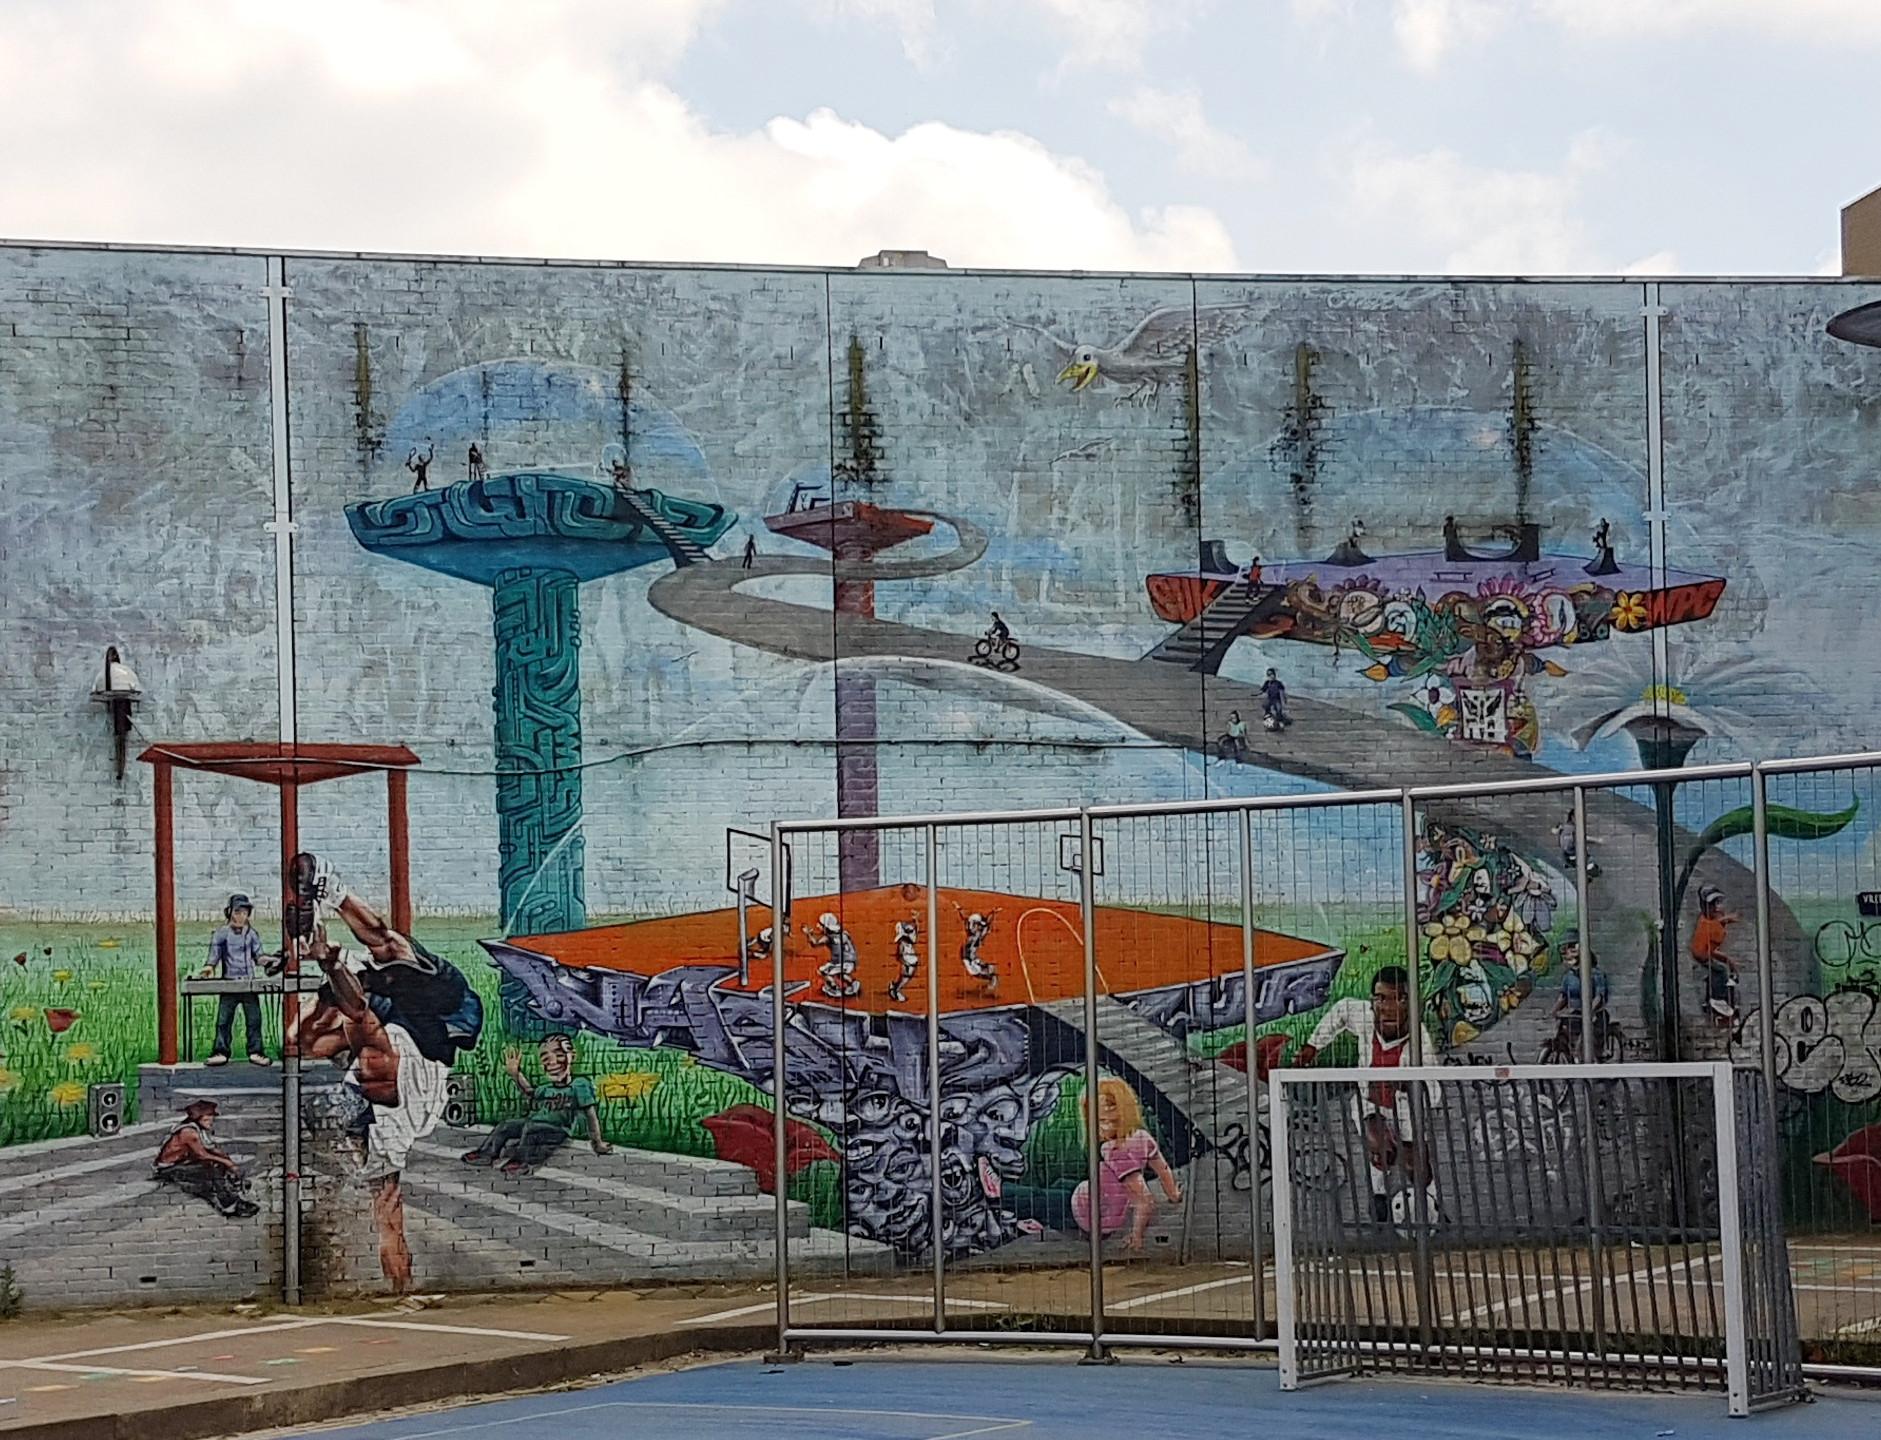 Mural on Vredespleintje